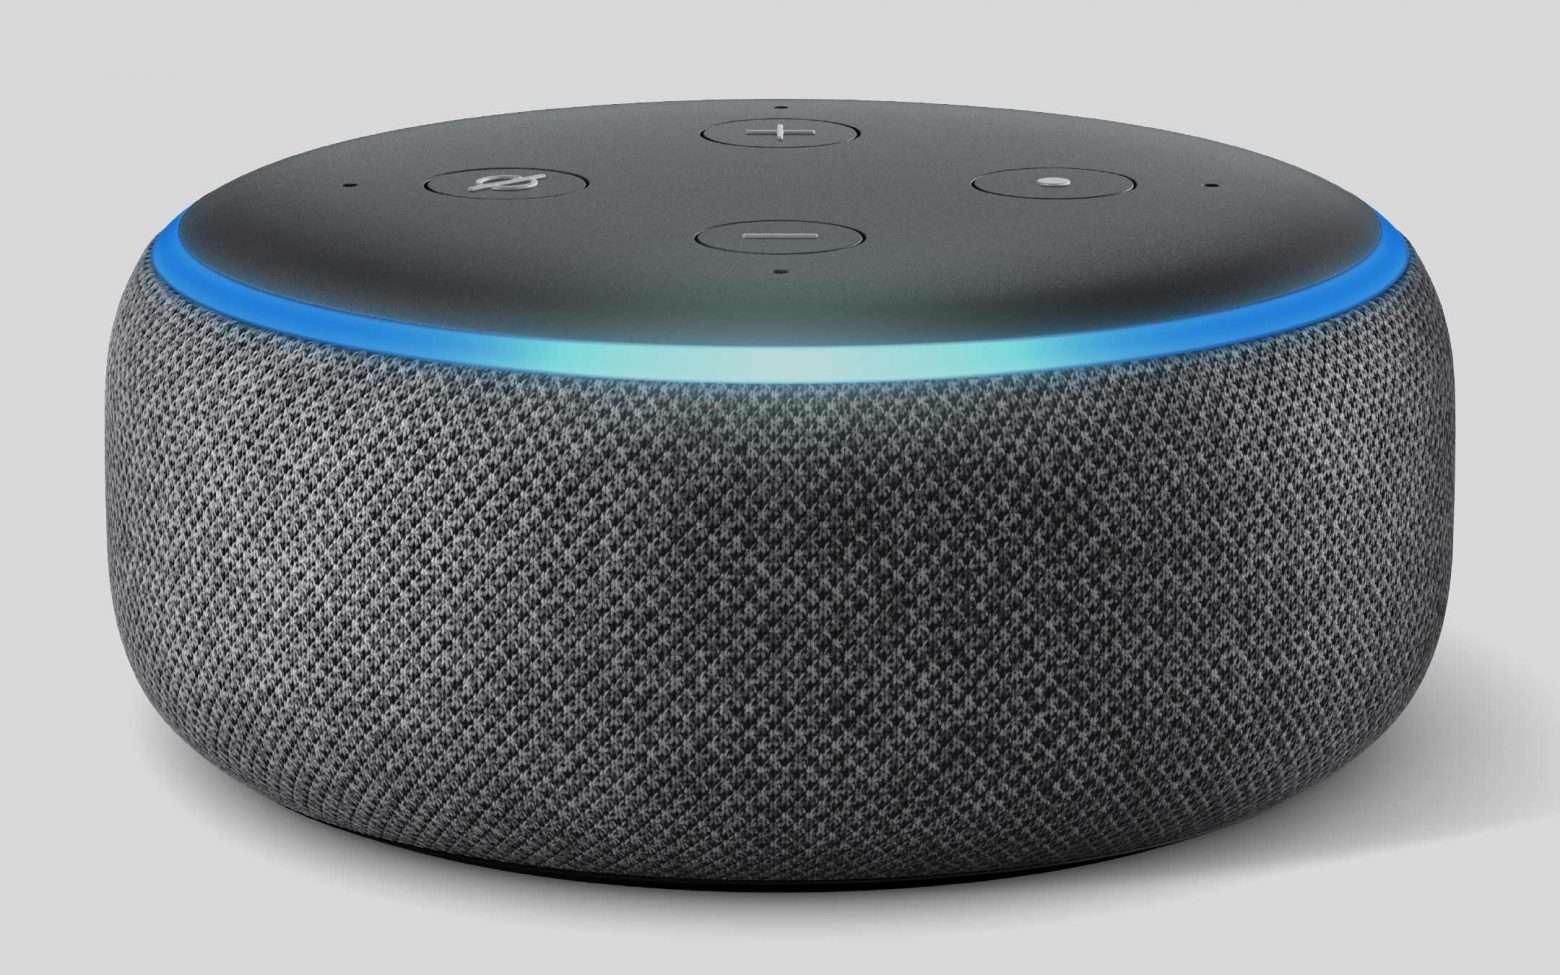 Amazon Echo - cover